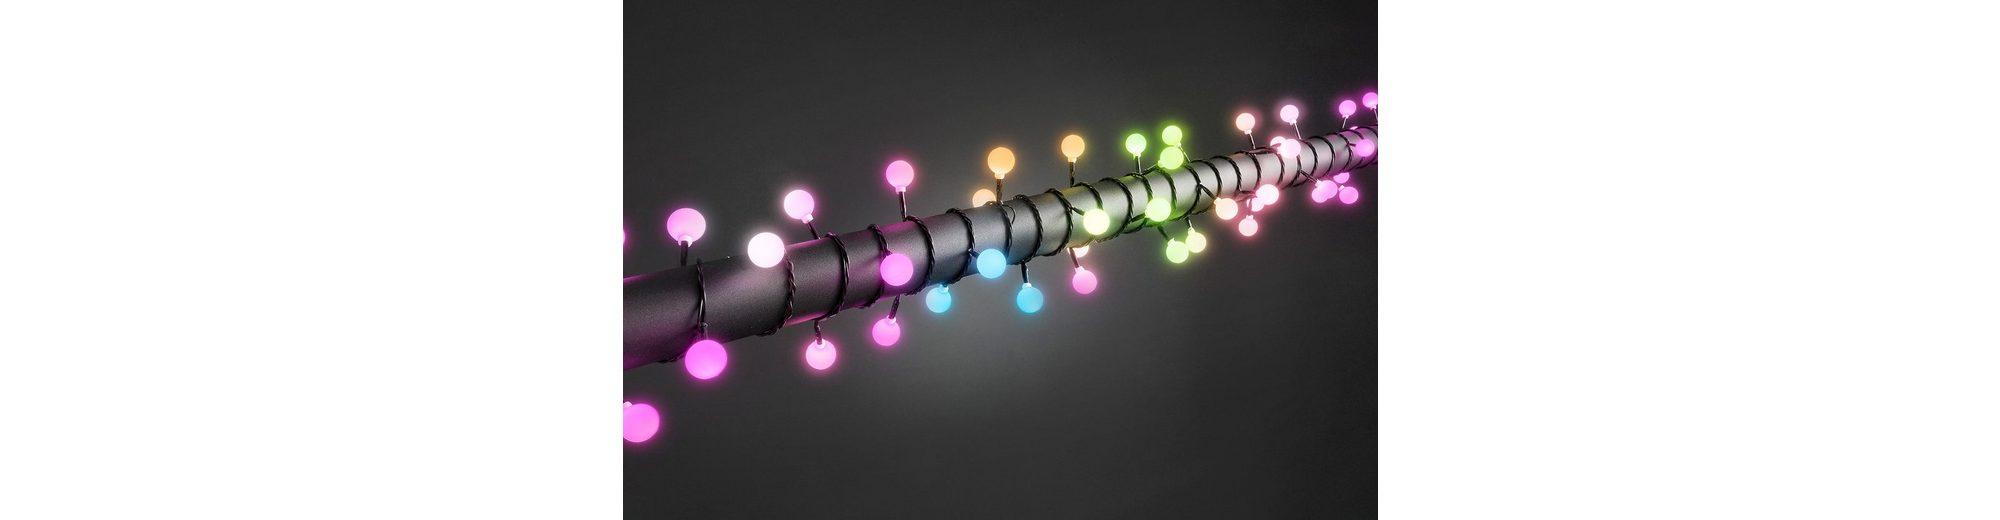 LED-Globelichterkette, Konstsmide